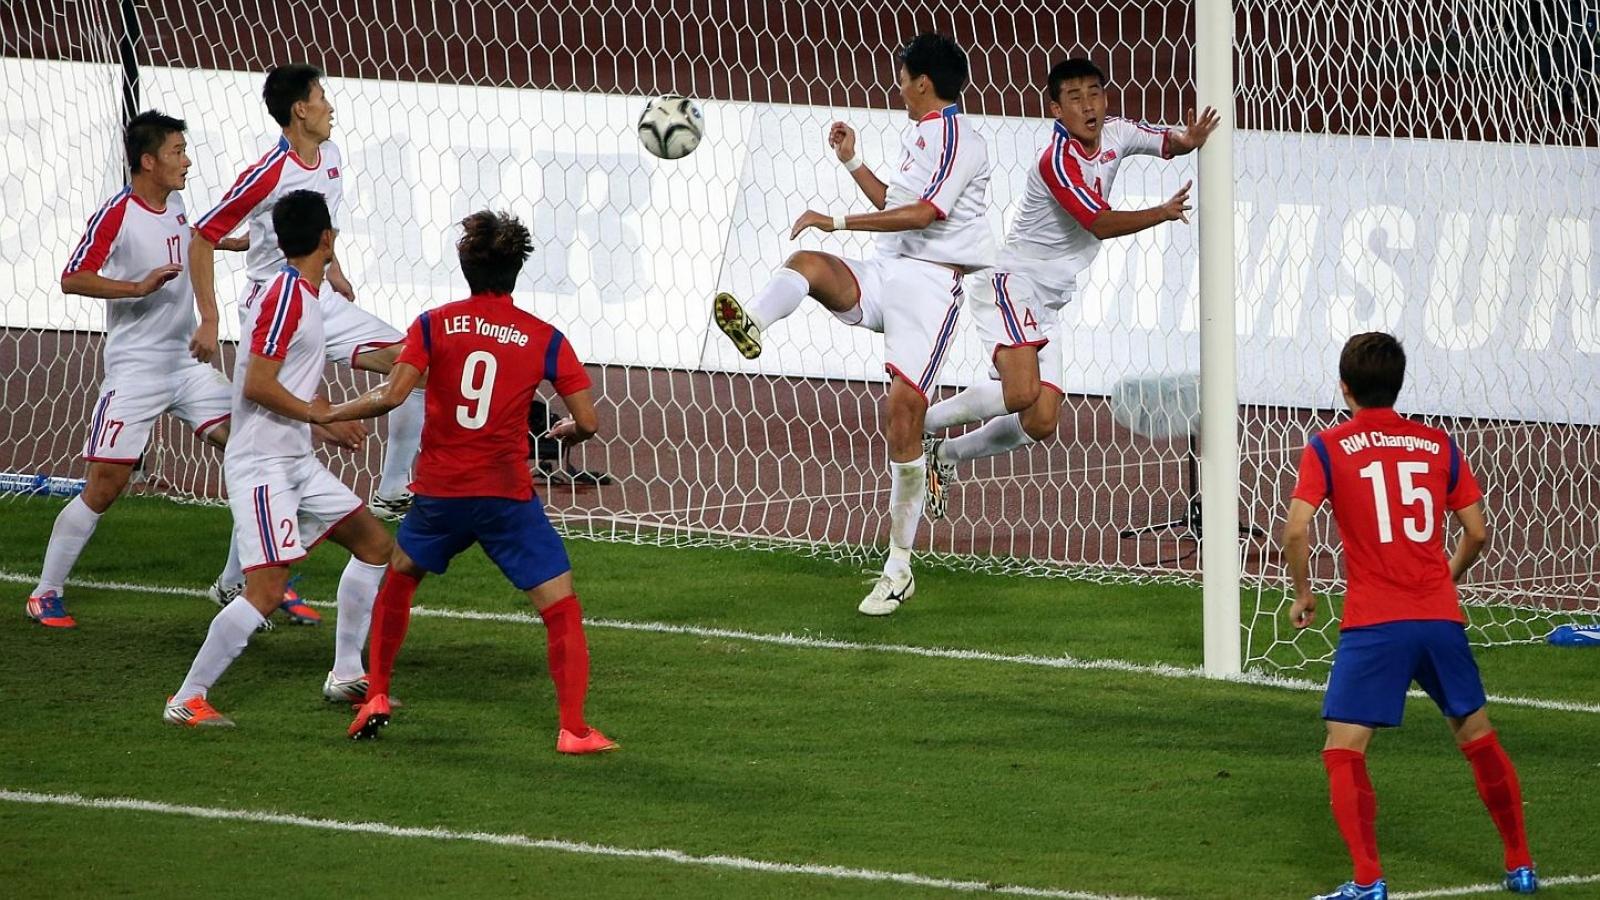 Ngày này năm xưa: Olympic Hàn Quốc giành HCV ASIAD sau trận cầu nghẹt thở với Triều Tiên